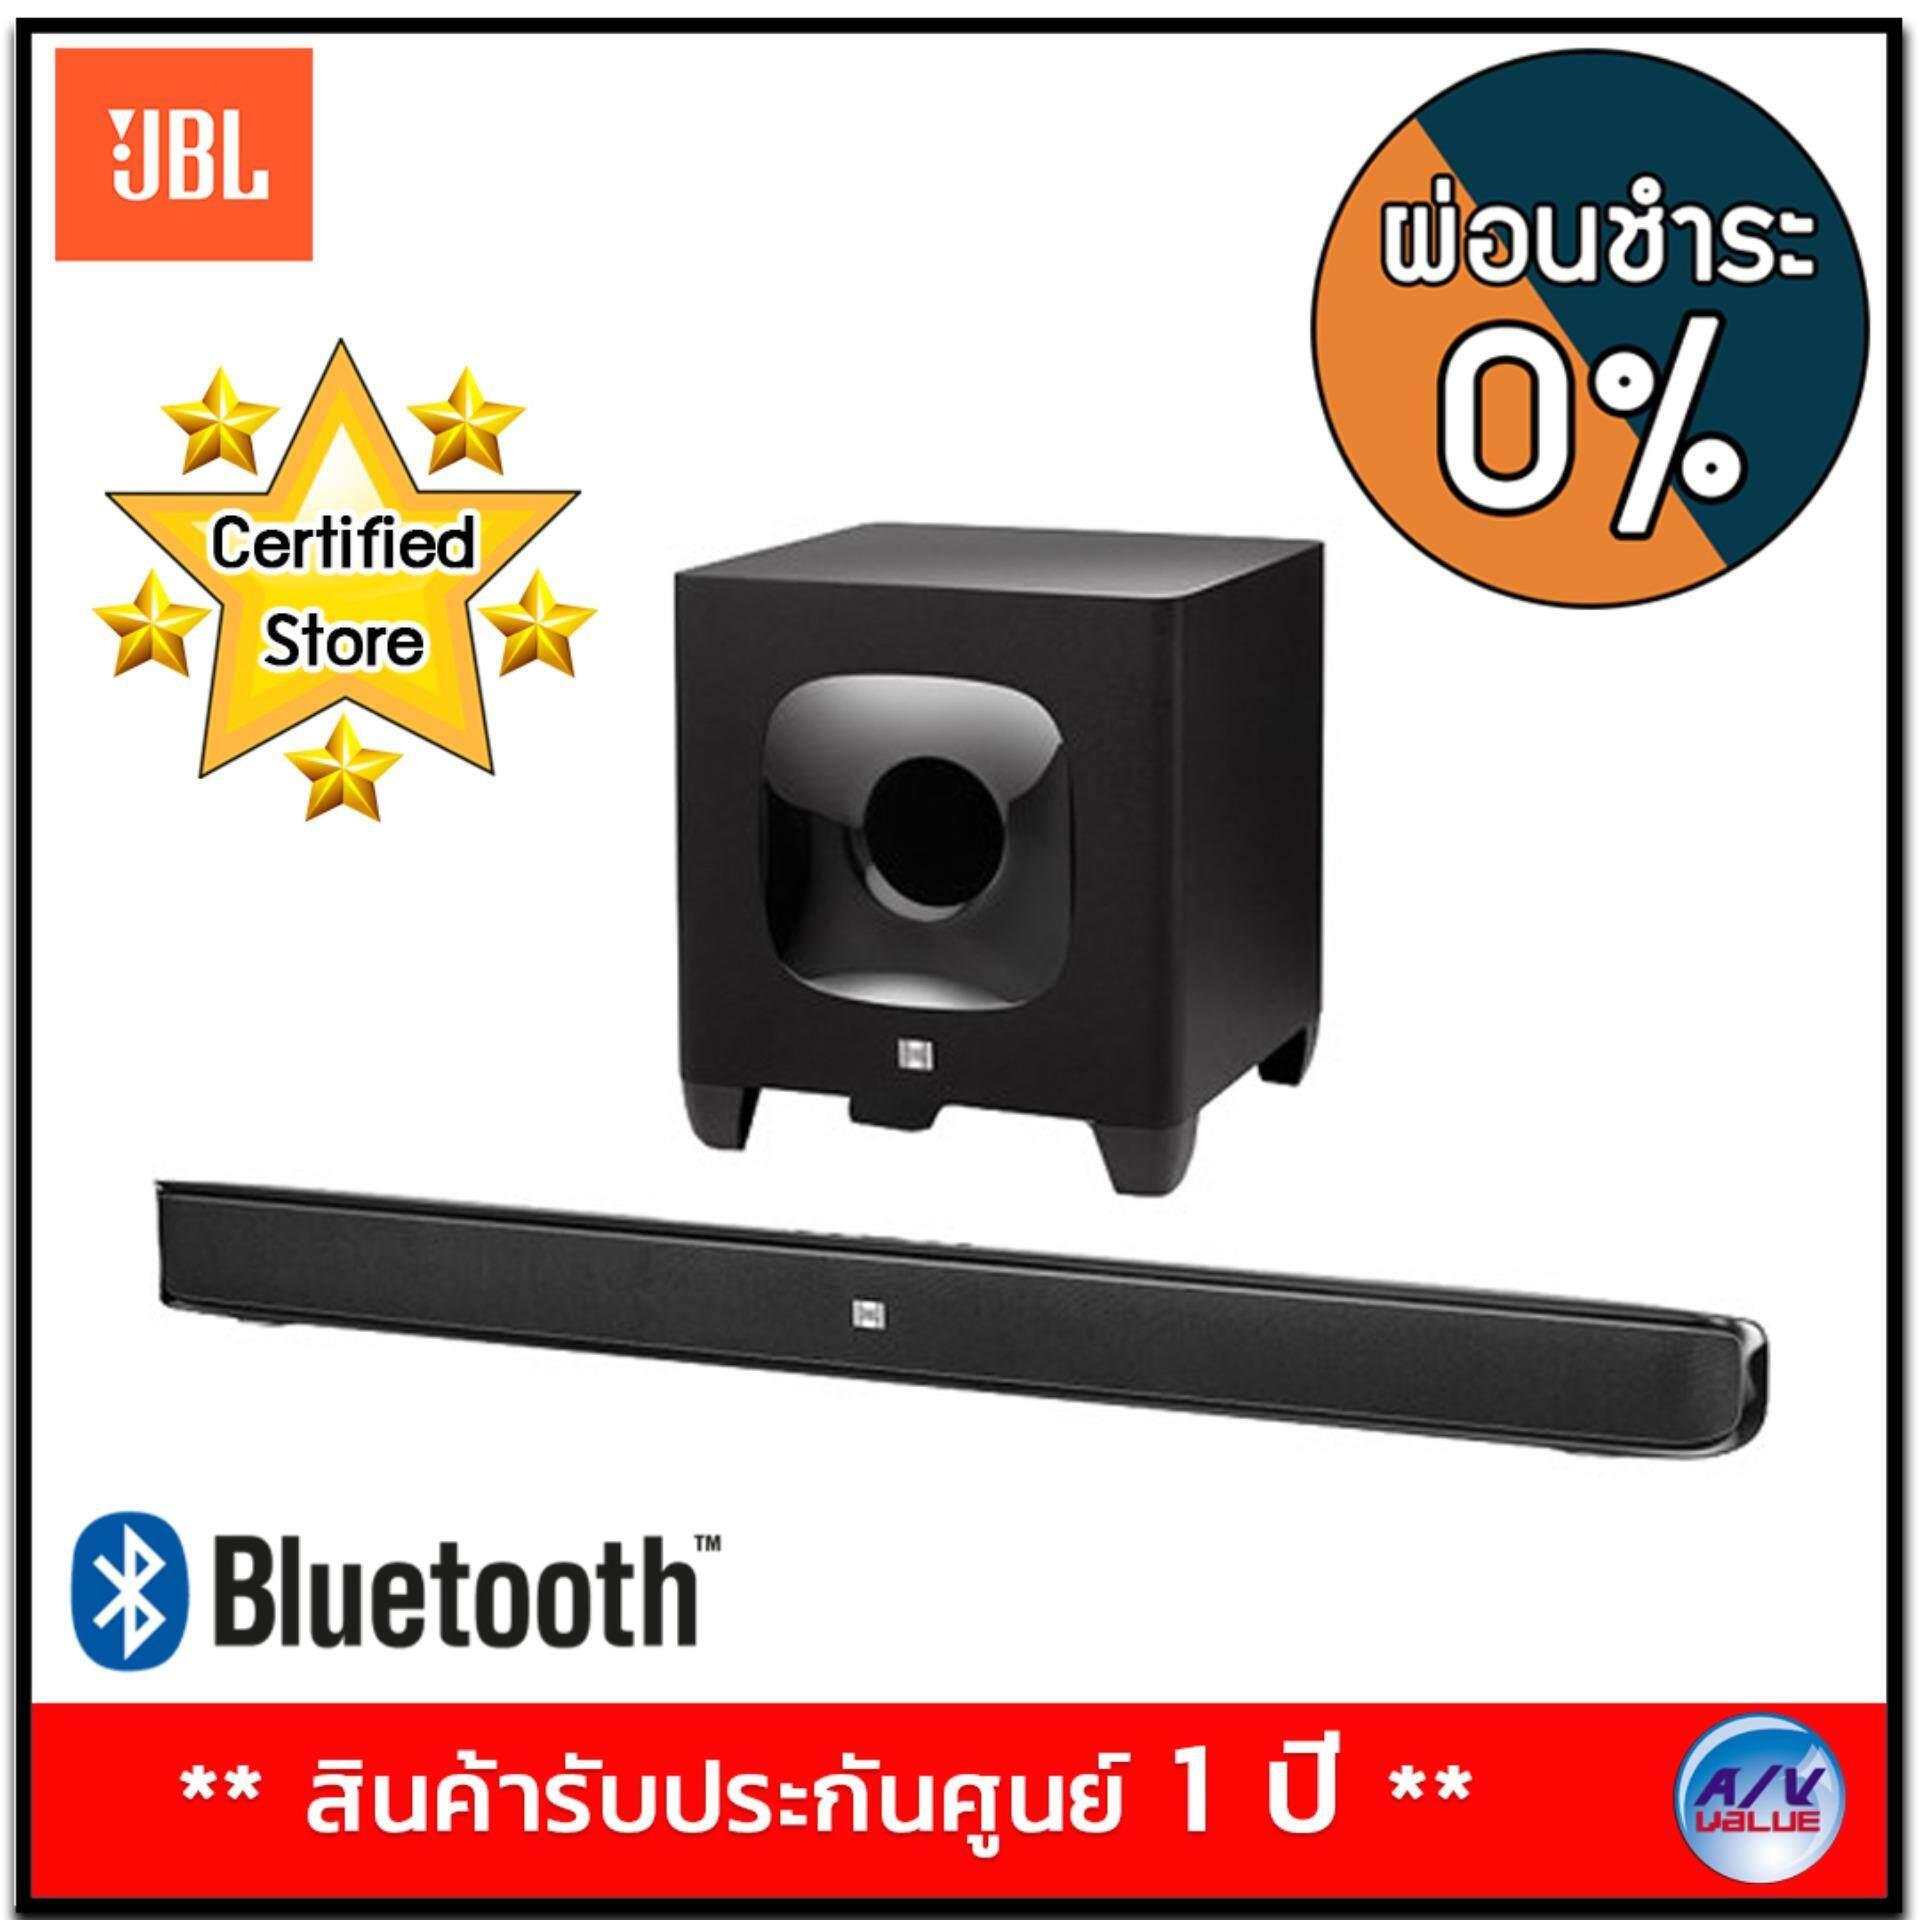 การใช้งาน  กาญจนบุรี JBL Cinema Sound Bar Series รุ่น SB-400 **สินค้ามีจำนวนจำกัด!!